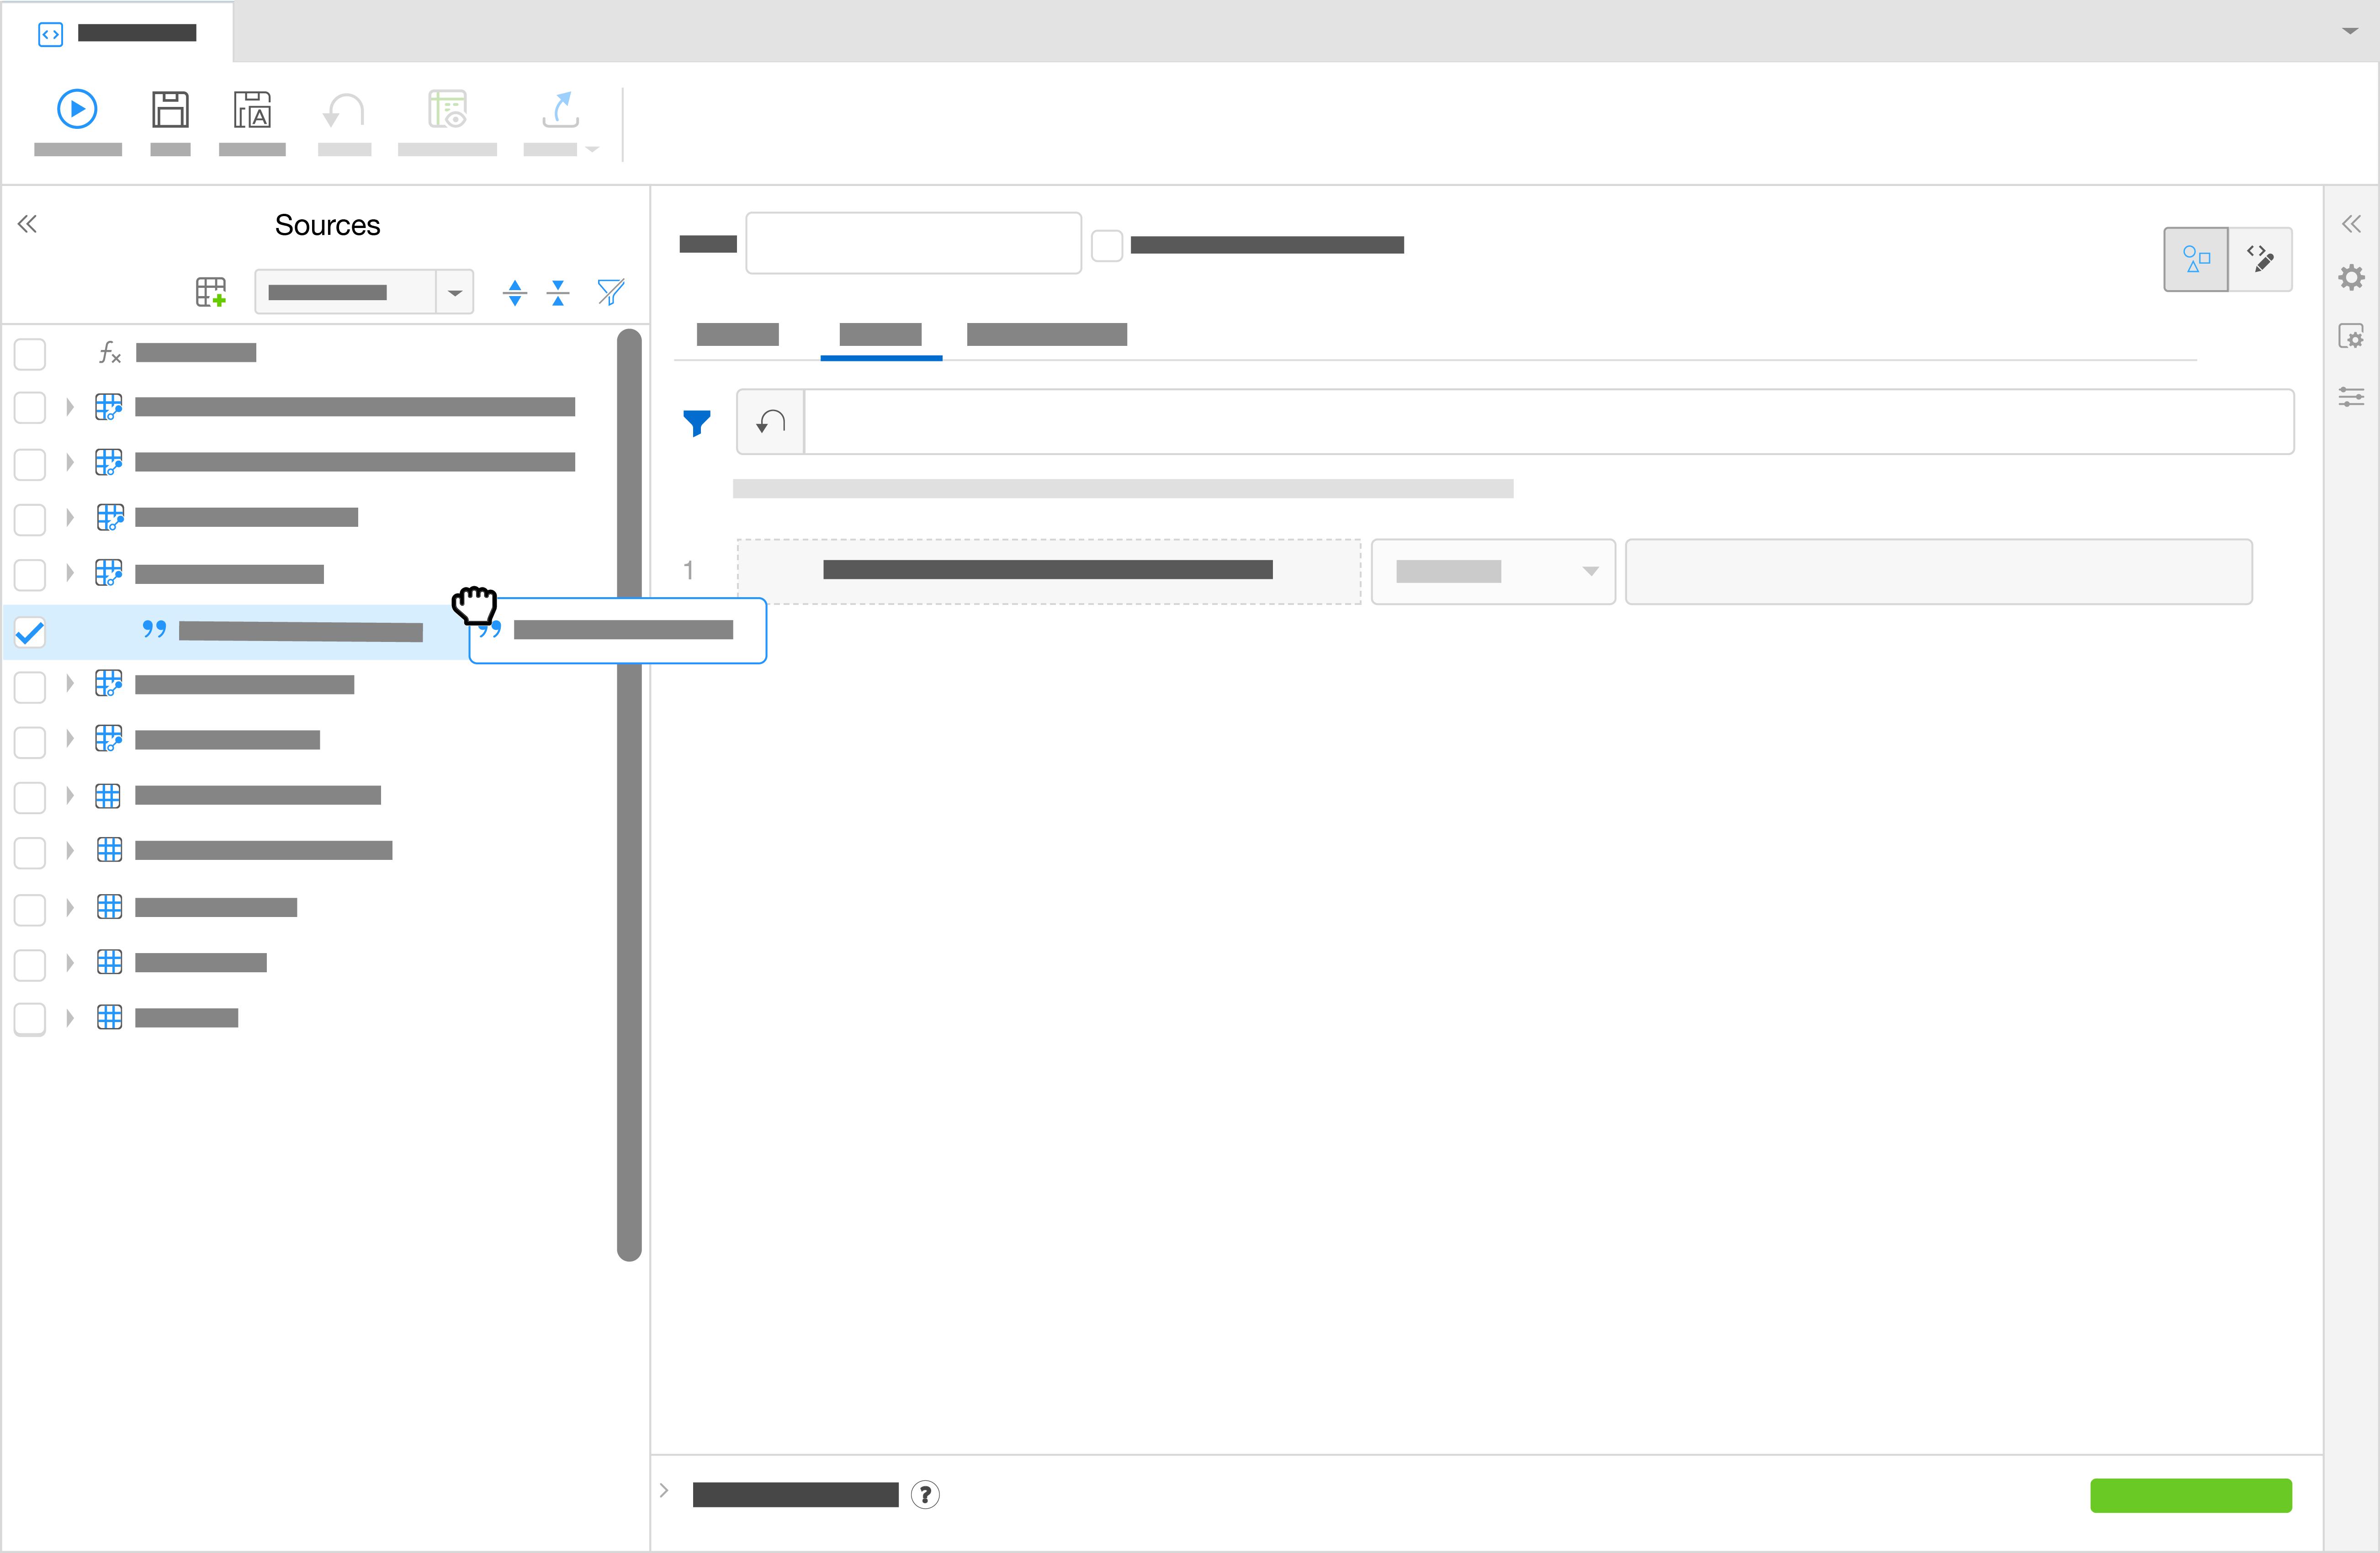 將欄位移至「篩選」(Filters) 索引標籤